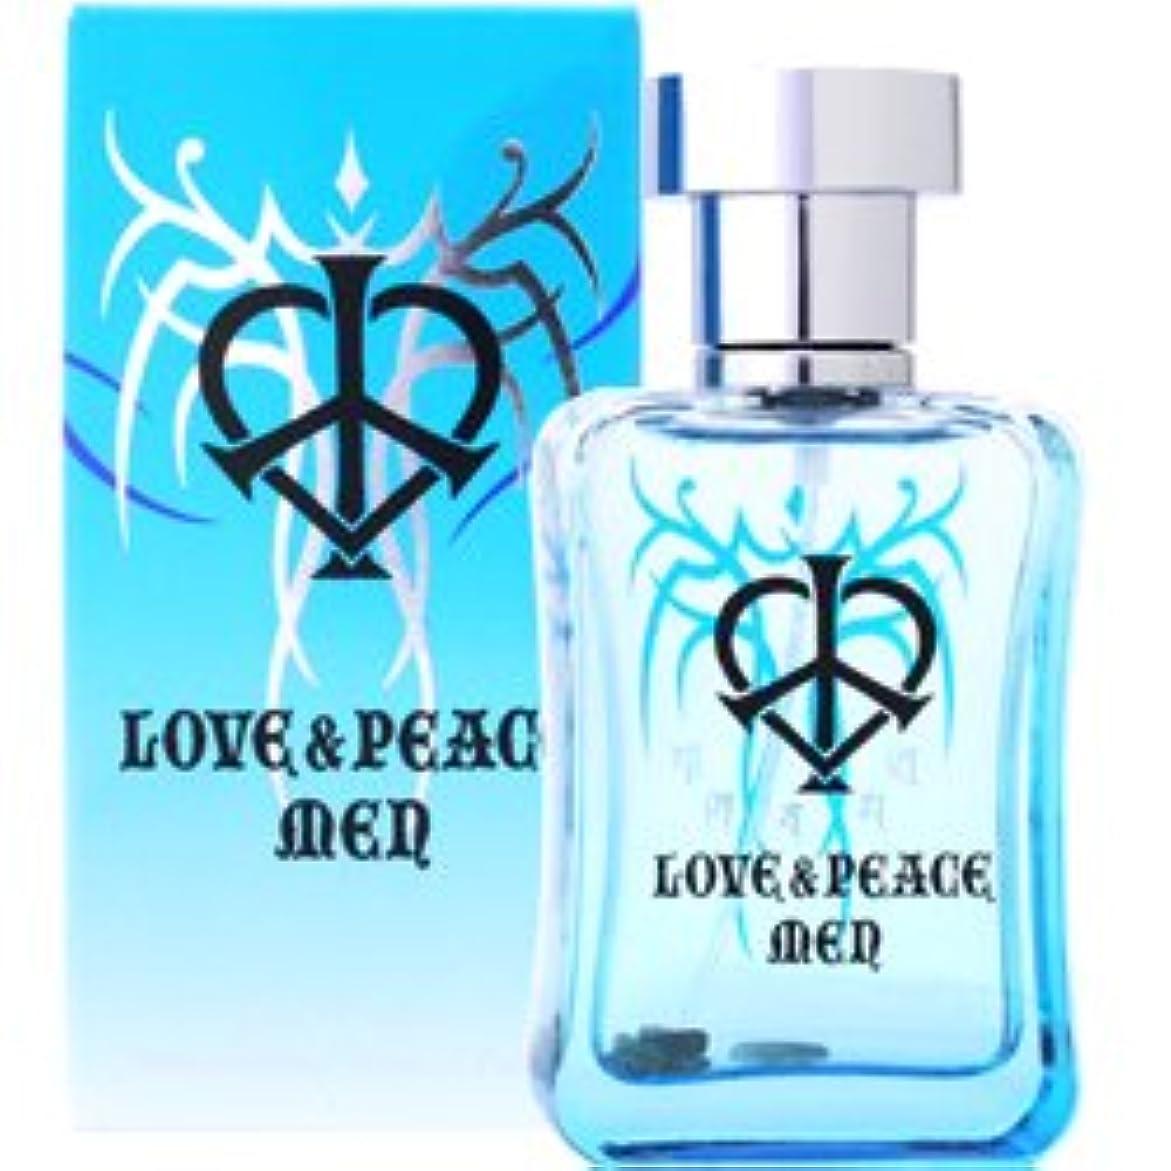 プレゼンまたね地味なラブ&ピース LOVE&PEACE ラブ&ピース メン オードパルファム EDP SP 50ml